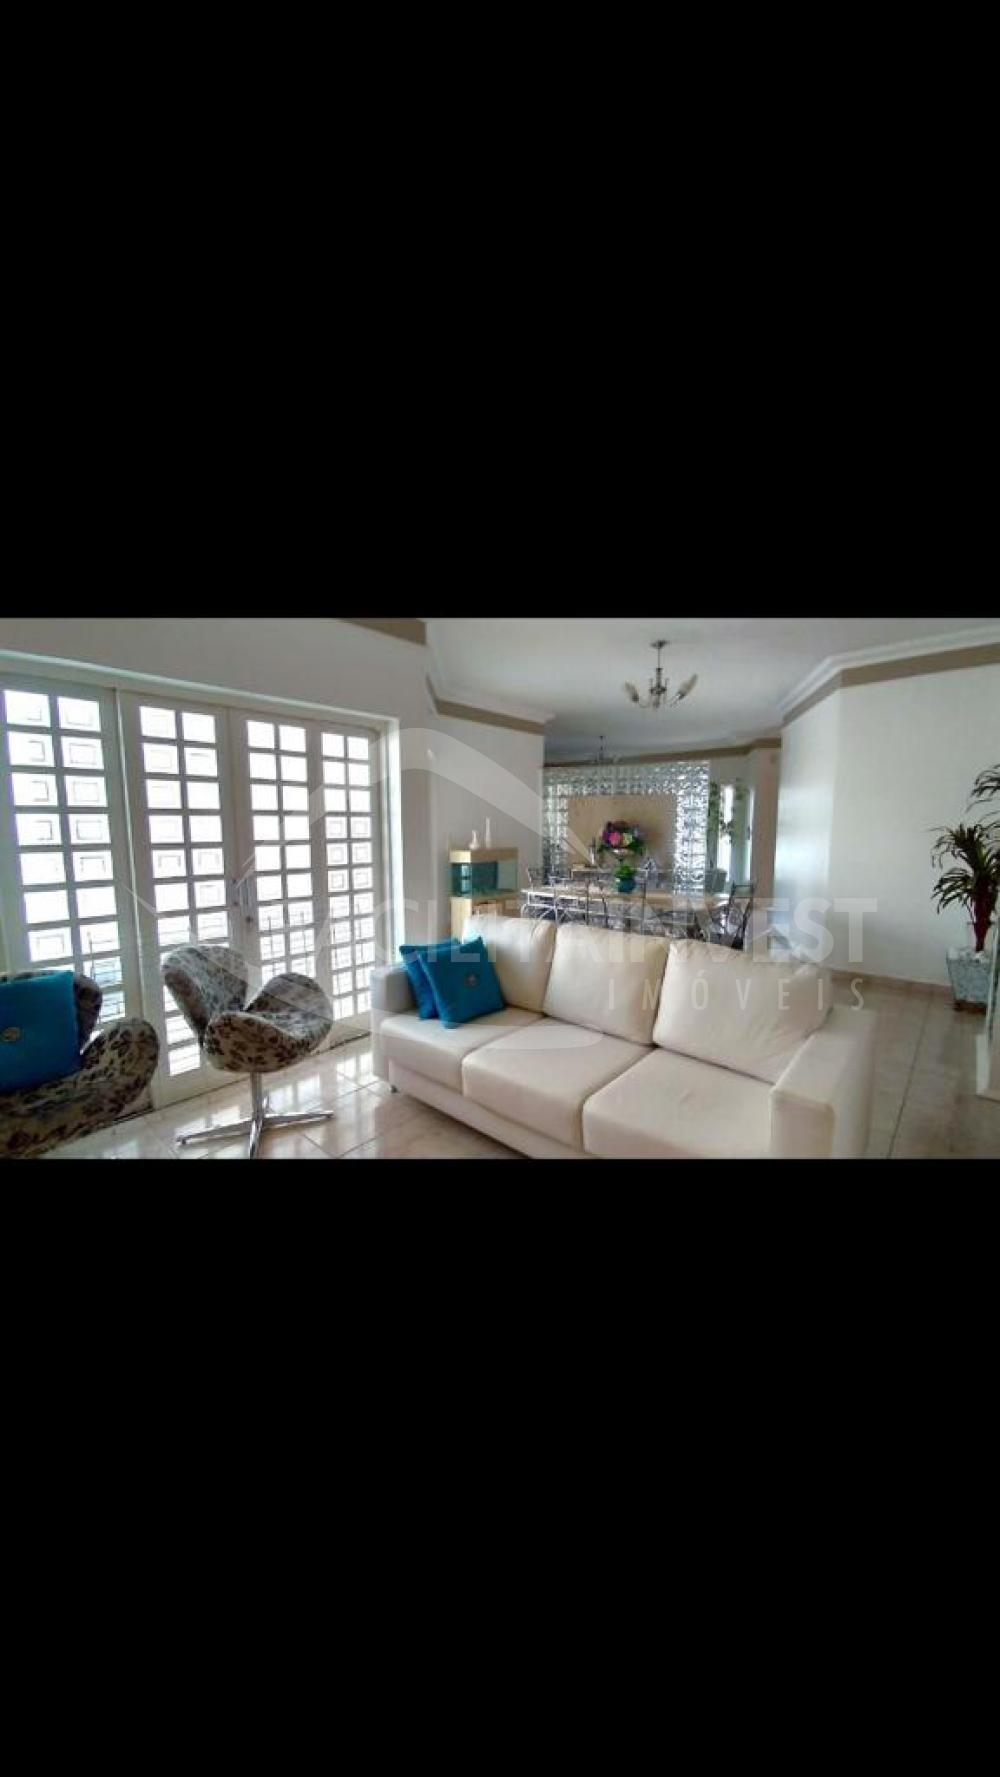 Comprar Casa Padrão / Casa Padrão em Ribeirão Preto apenas R$ 900.000,00 - Foto 4